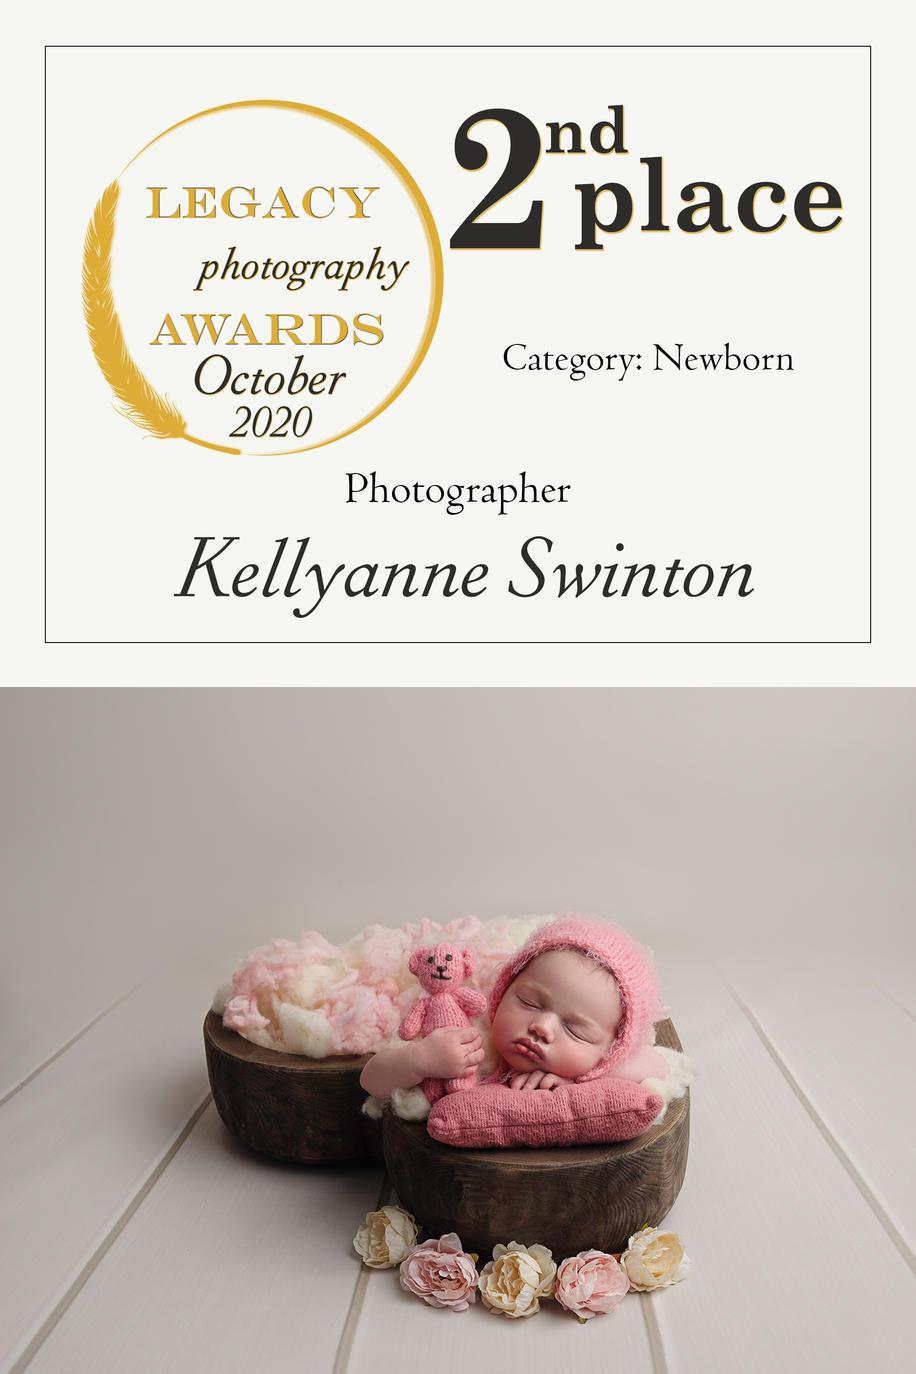 Kellyanne Swinton 2placeNB.jpg